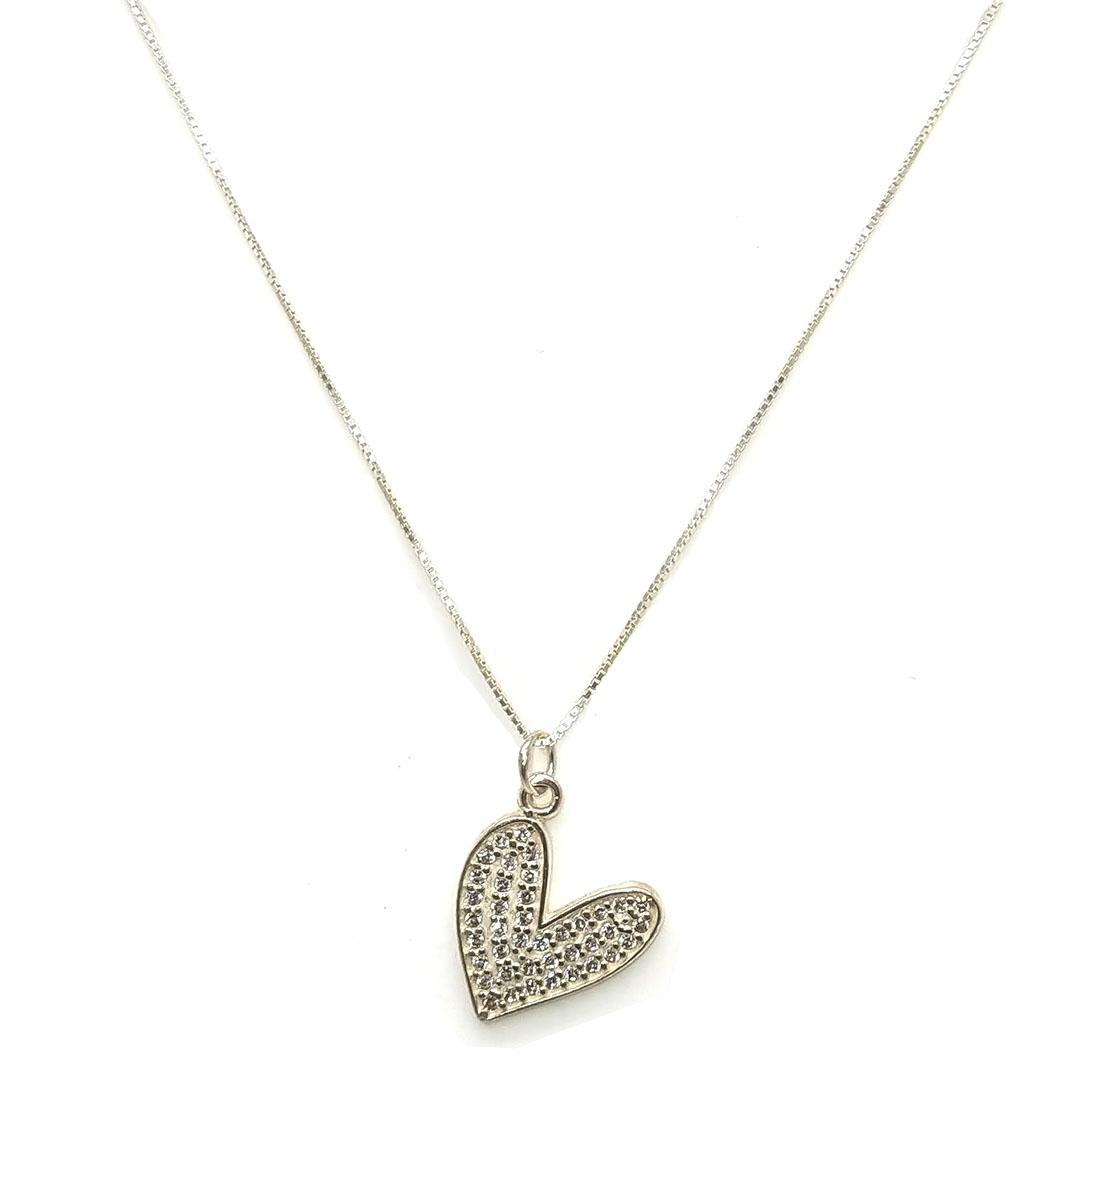 Colar Coração Cravejado em Prata